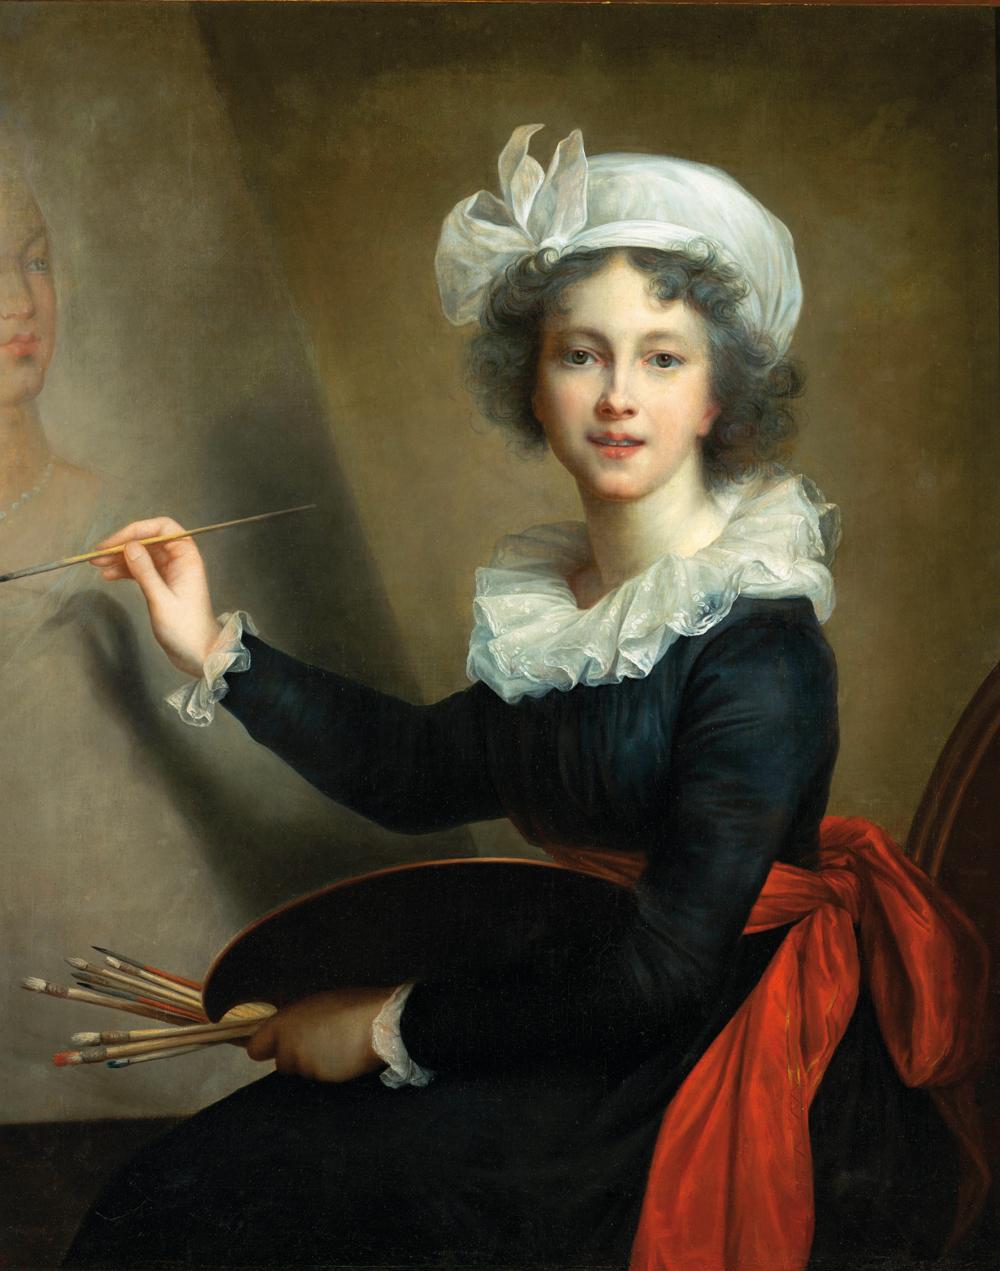 Élisabeth Vigée Le Brun, Autoportret, malarka francuska, najsłynniejsza malarka XVIII wieku, portrety królowej, portret olejny